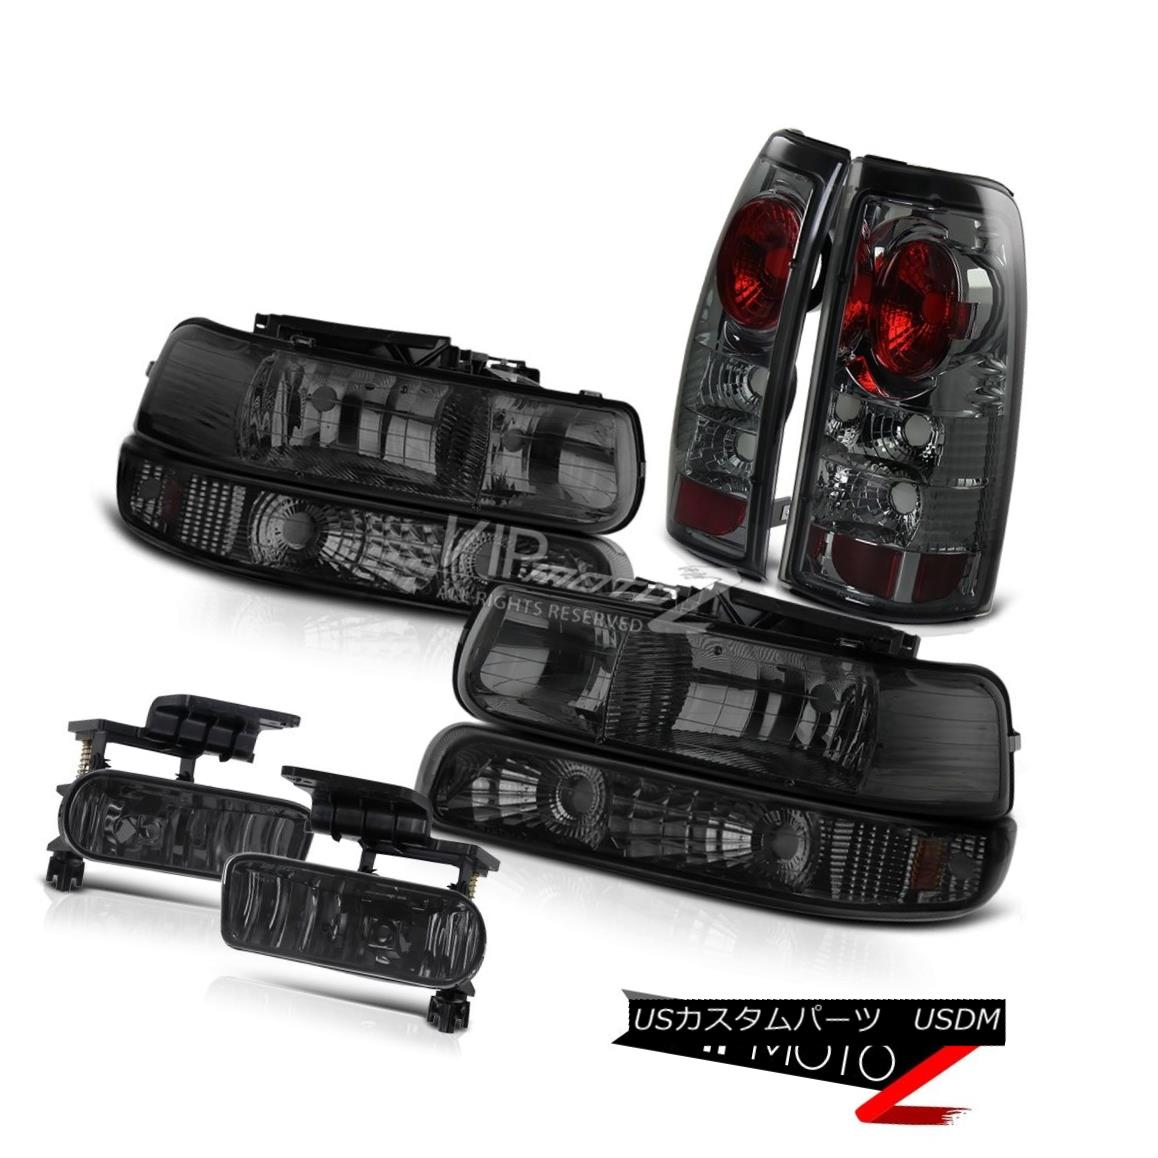 ヘッドライト [DARKEST SMOKE] Headlights+Signal Bumper+Altezza Tail Lights+